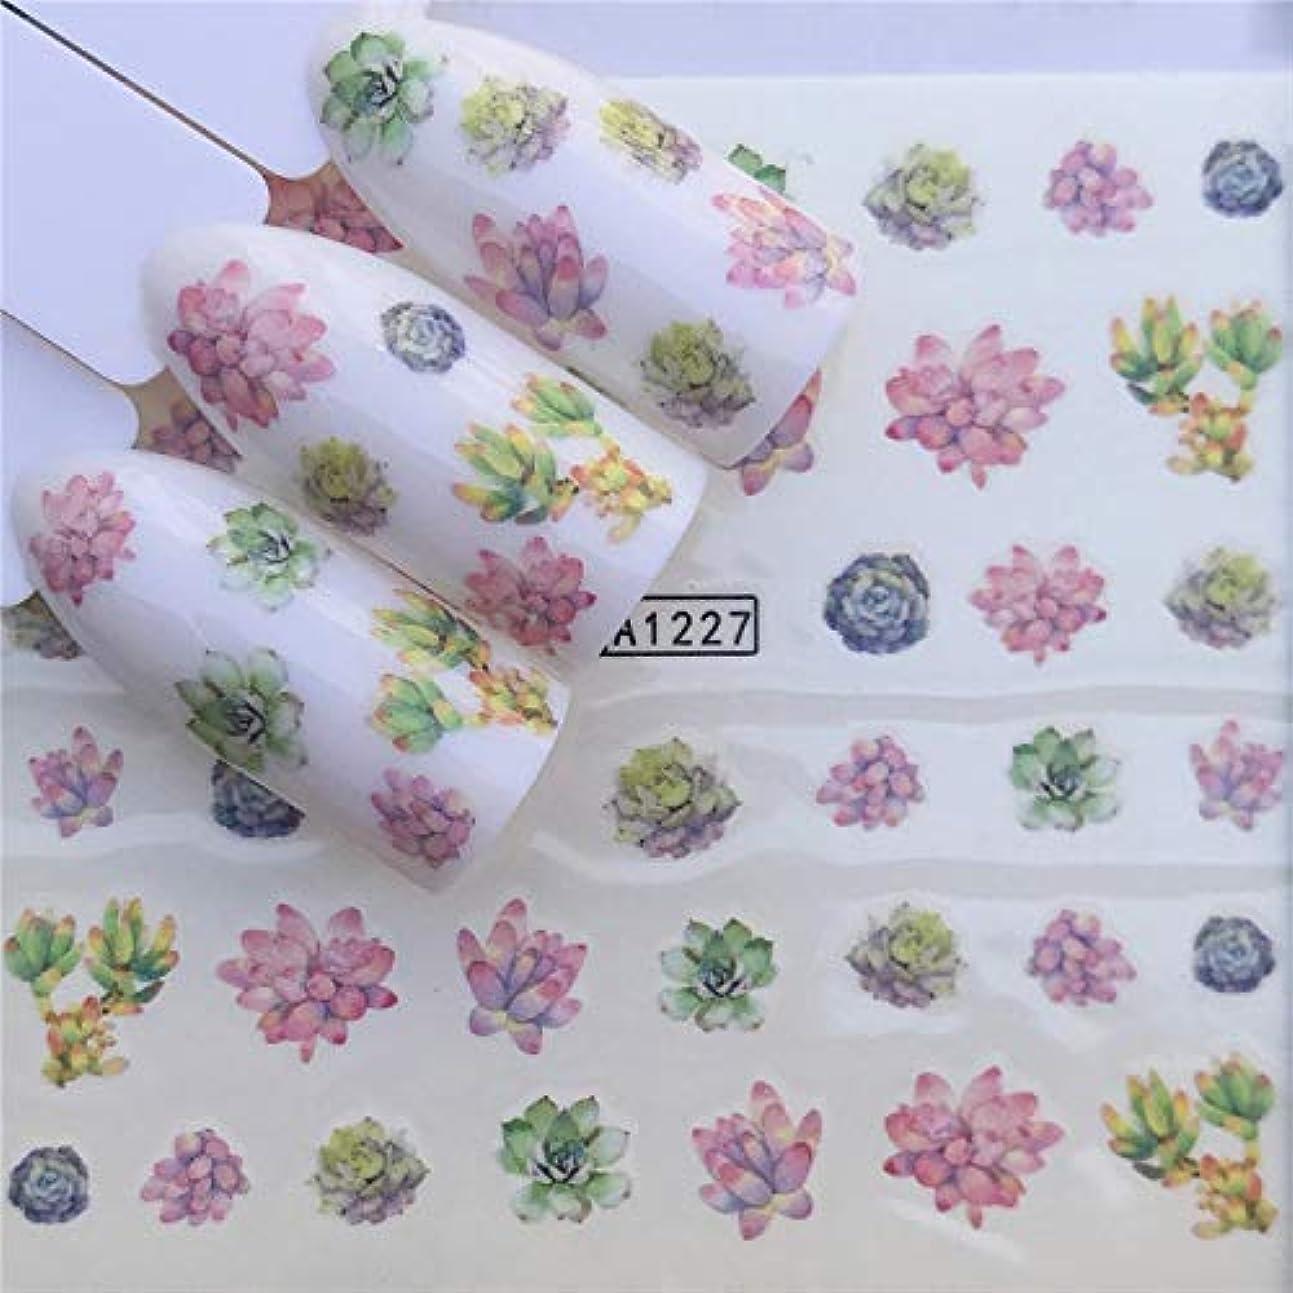 小さな資本乳剤Yan 3個ネイルステッカーセットデカール水転写スライダーネイルアートデコレーション、色:YZWA 1227